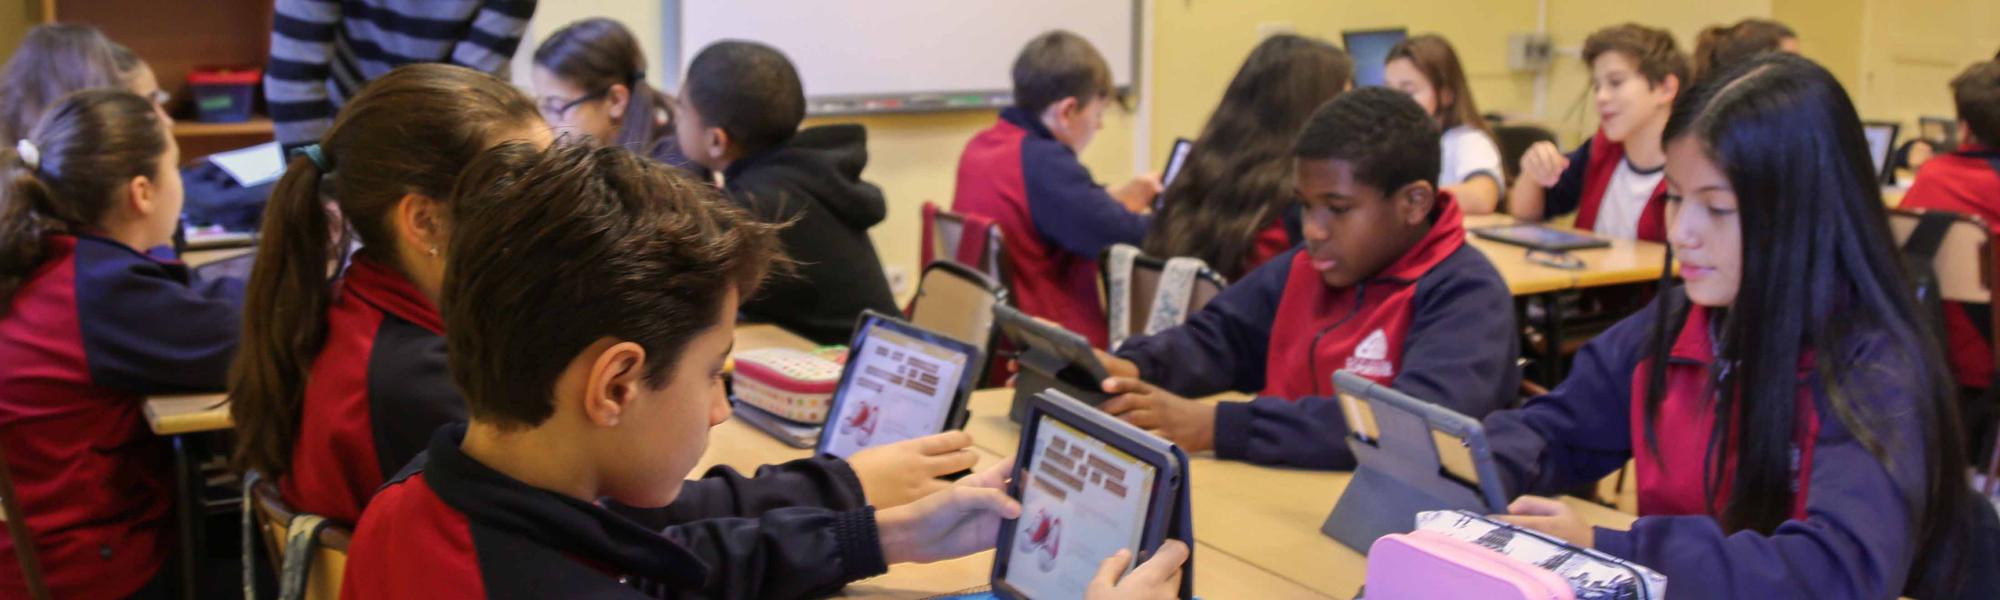 Educación bilingüe Secundaria El Porvenir